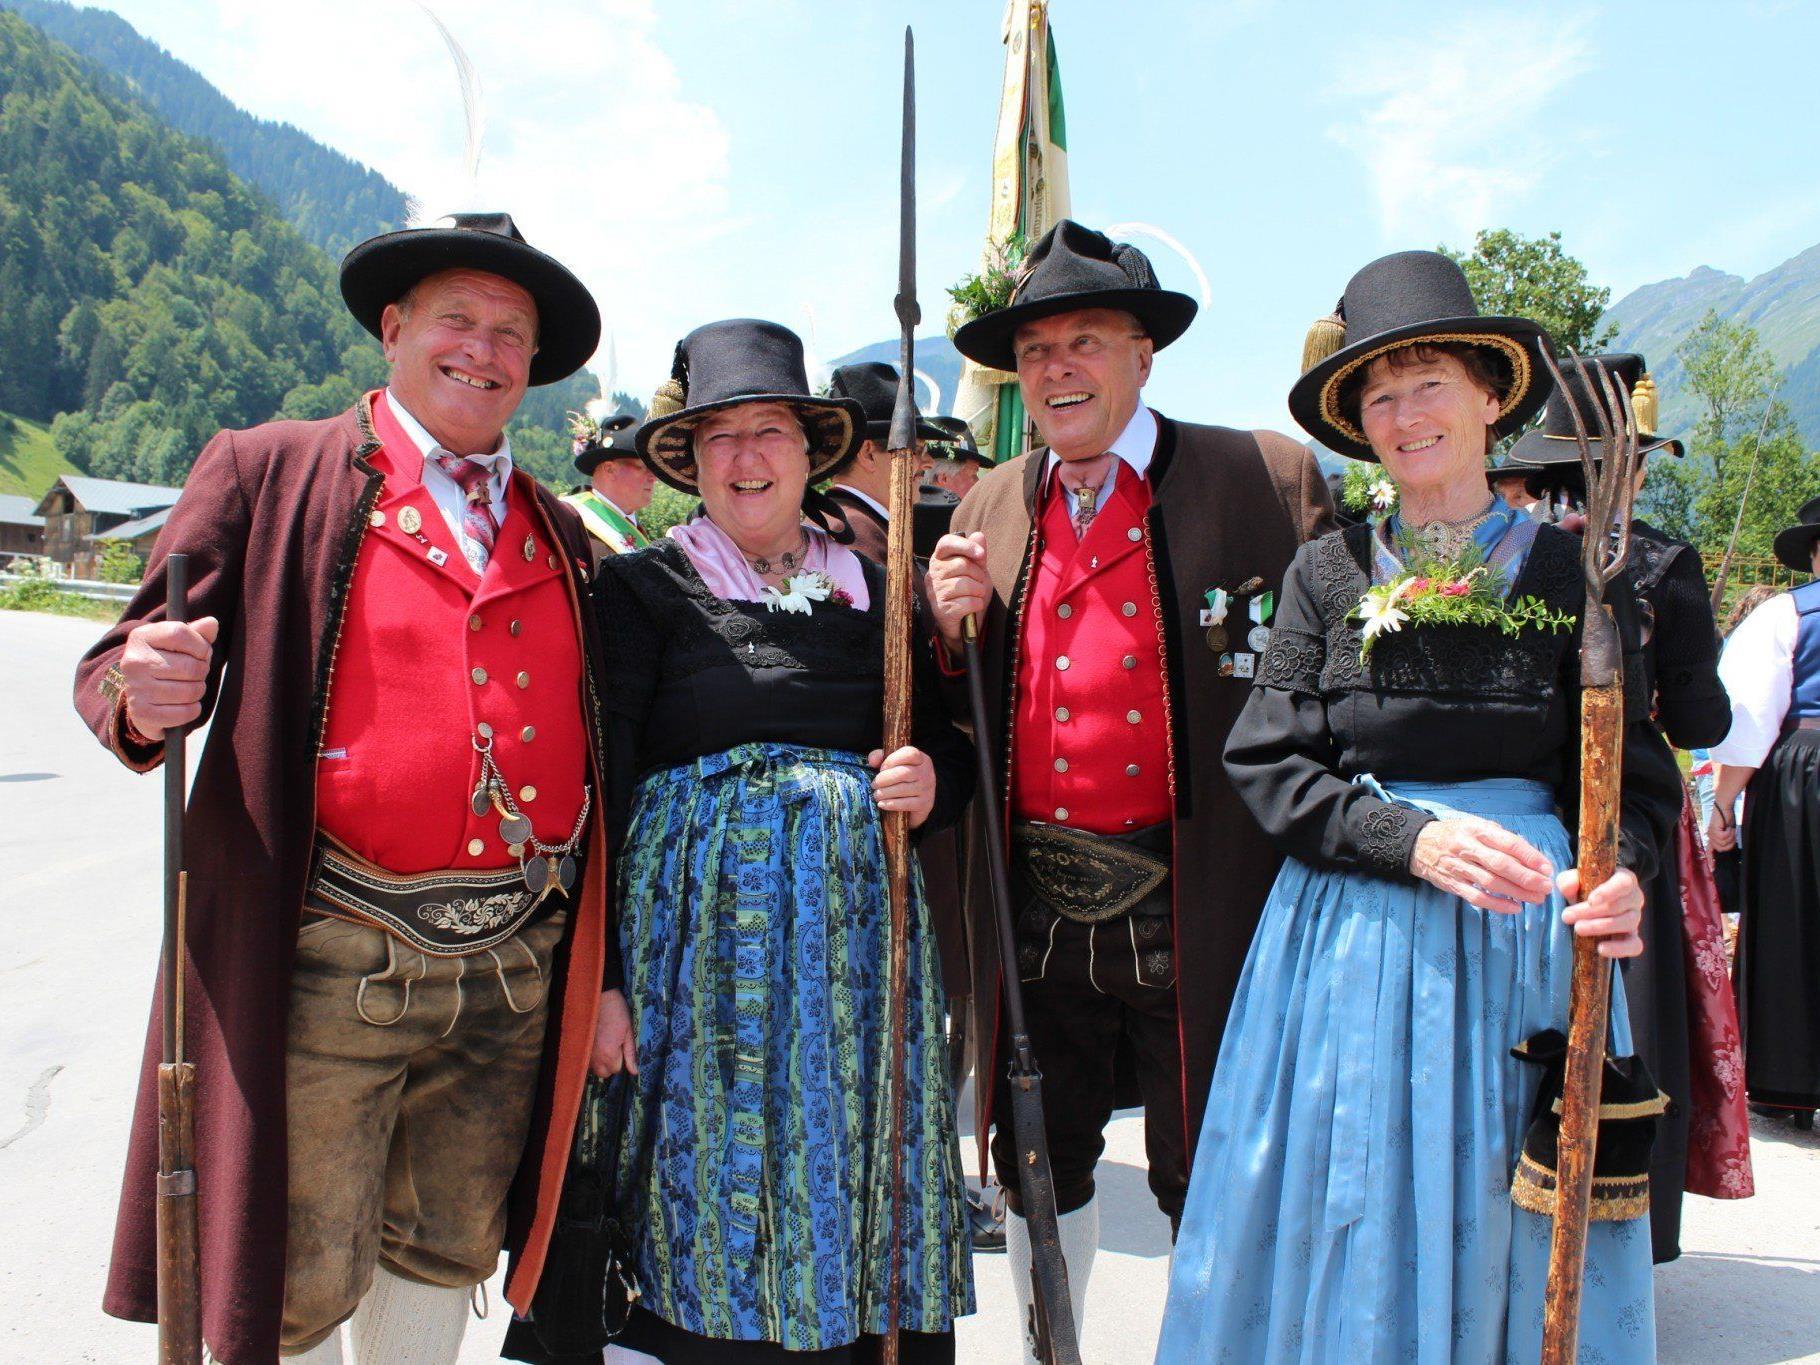 Eine Trachtengruppe aus Kitzbühel.